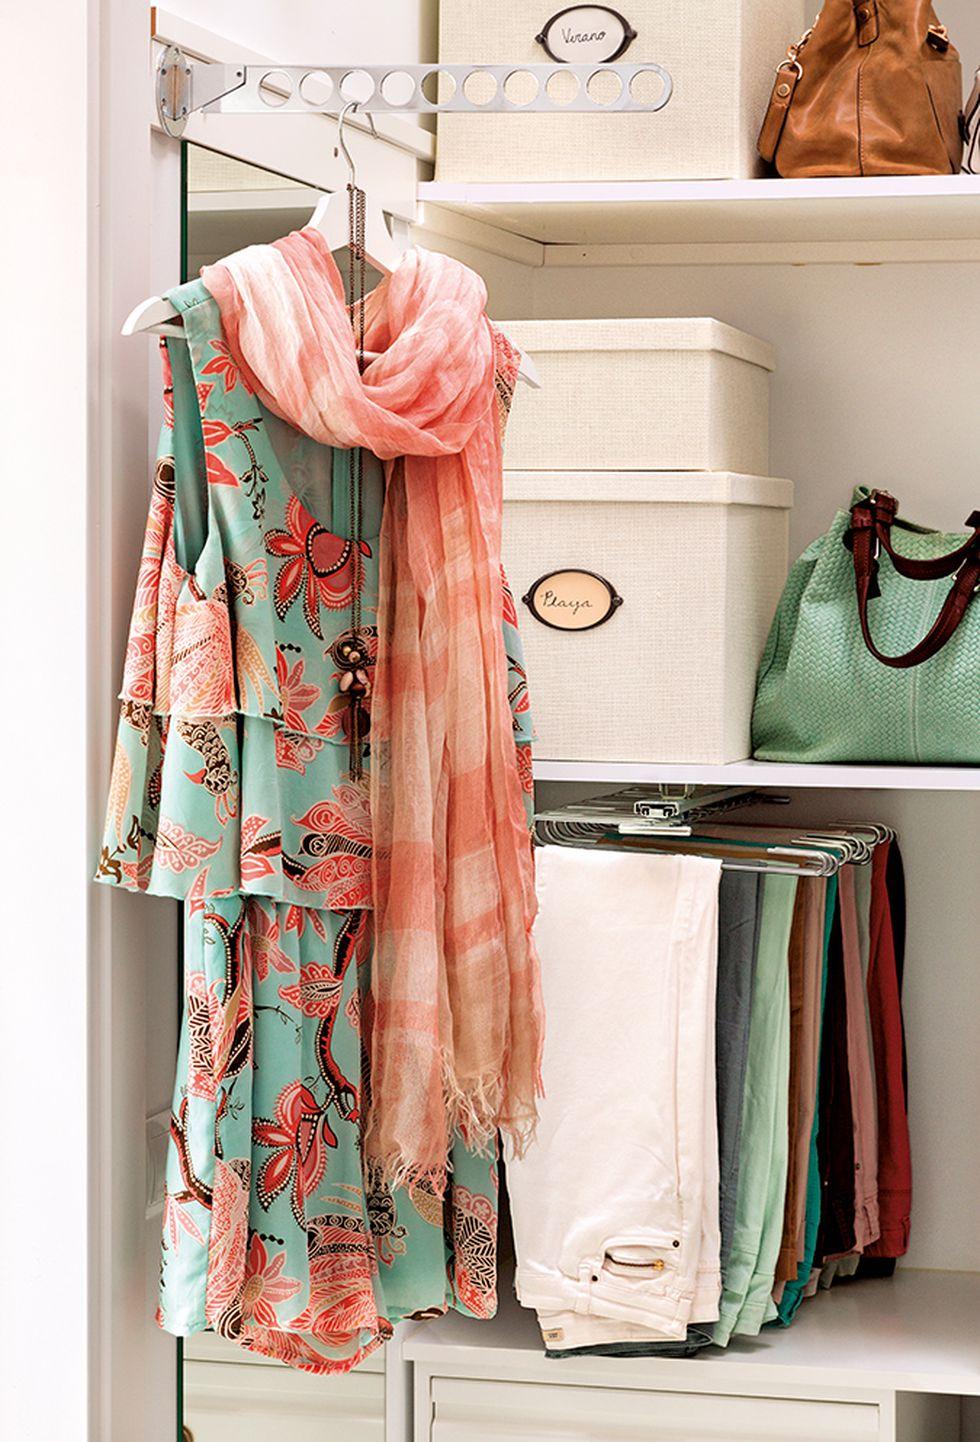 El armario debe tener múltiples divisiones para que todo se vea mejor. (Foto: Pinterest El Mueble)